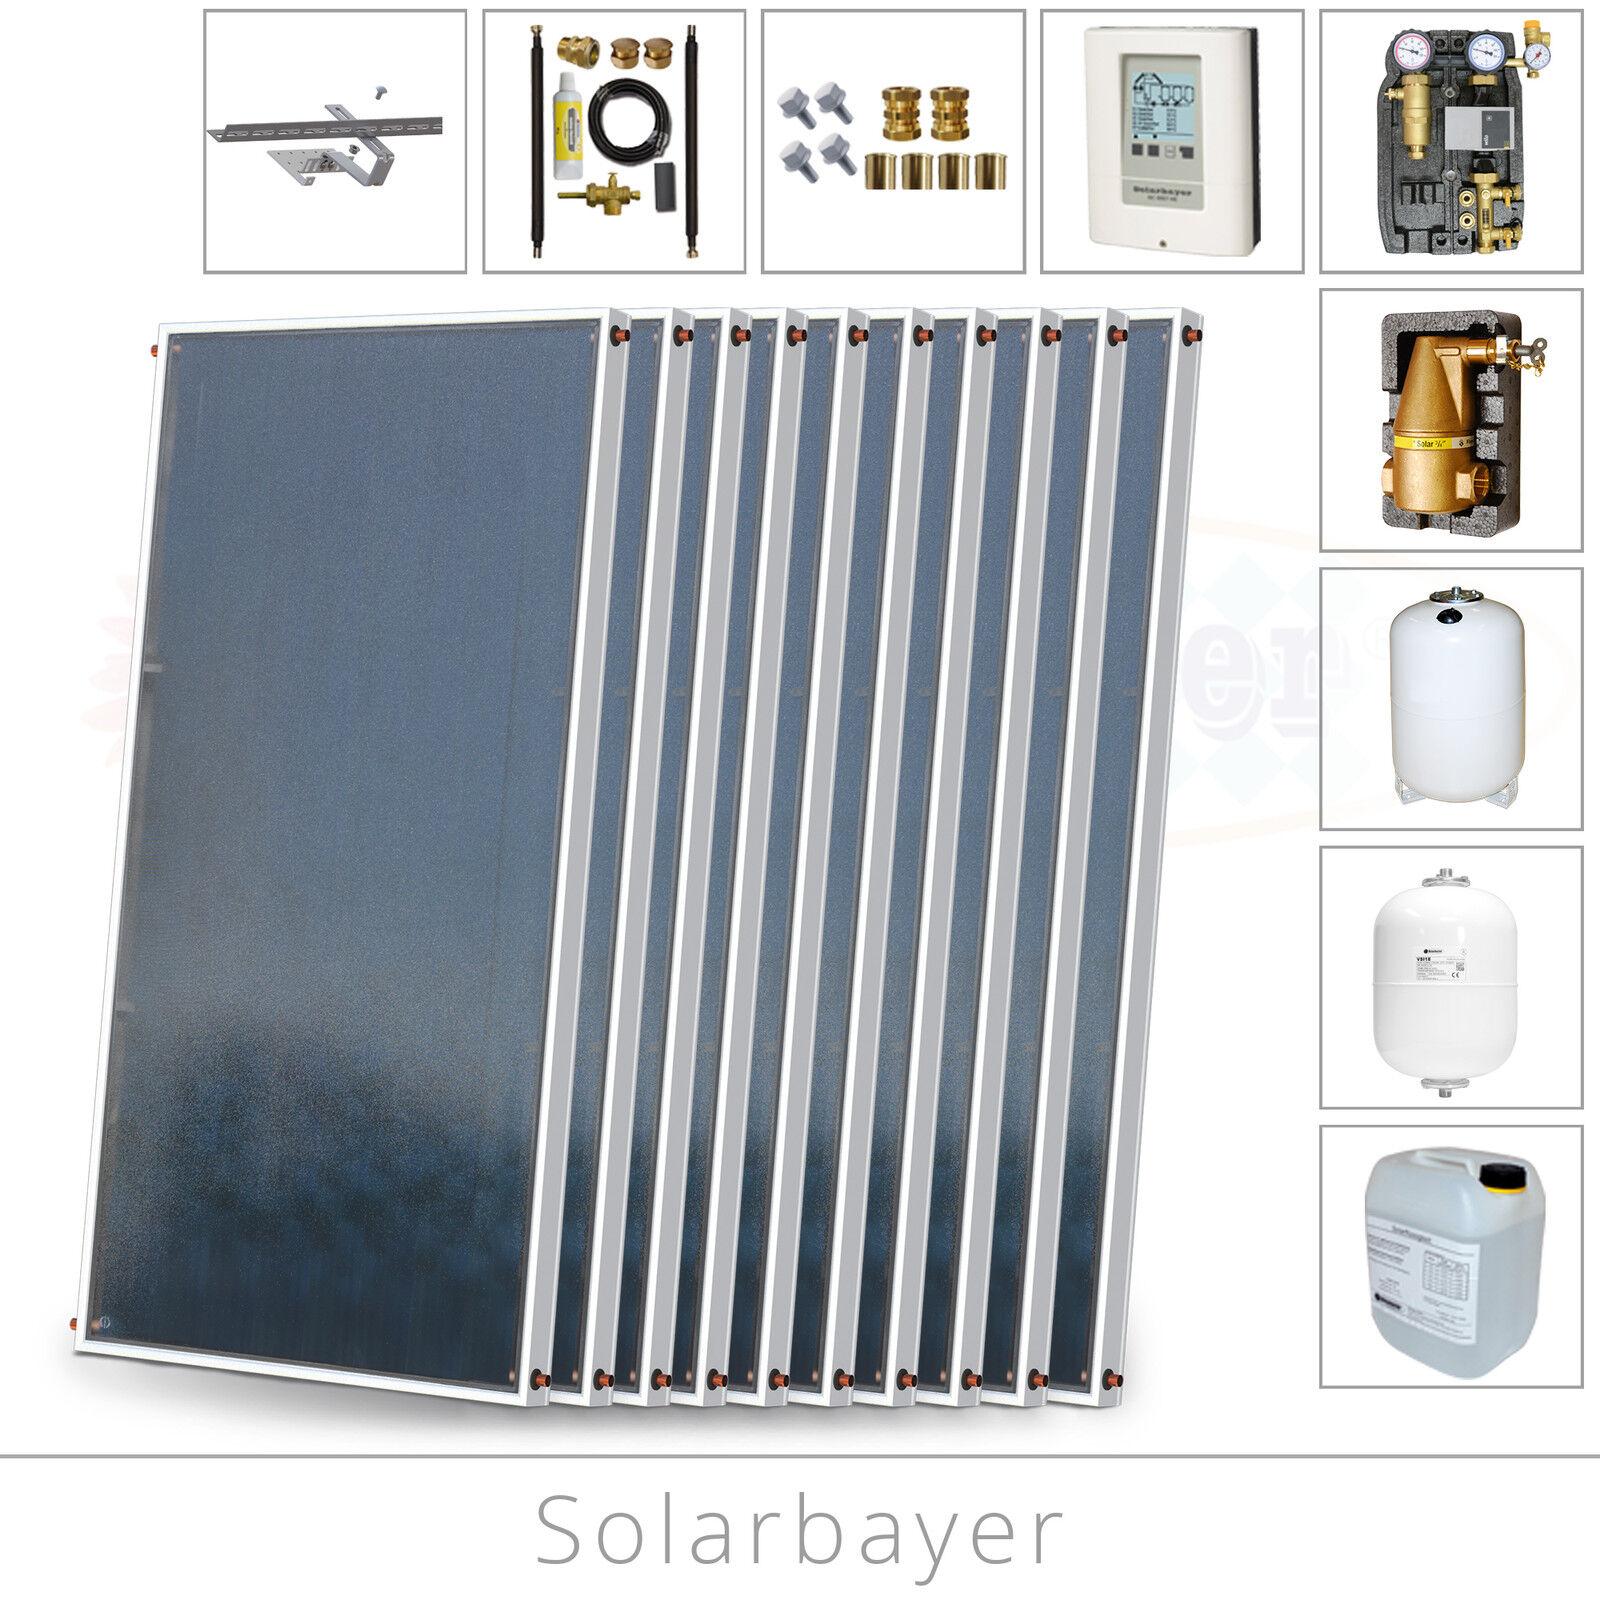 Solarbayer Thermische Solaranlage 20,20m² Solar/Wärme für Warmwasser + Heizung